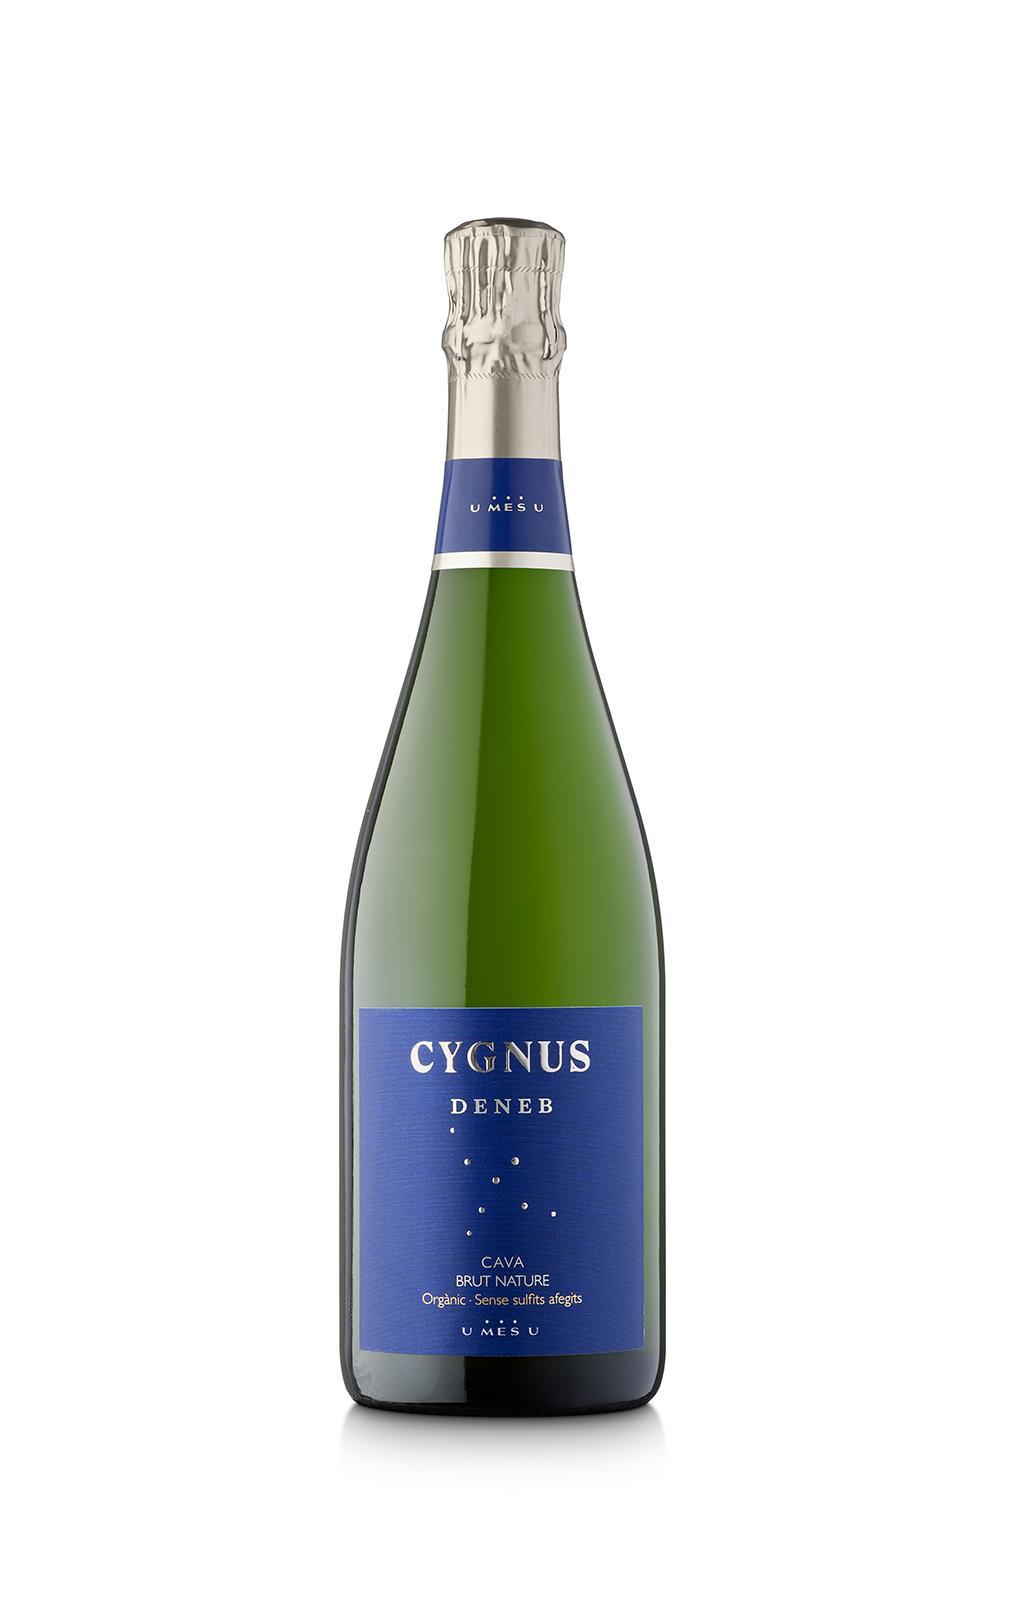 Cygnus Deneb